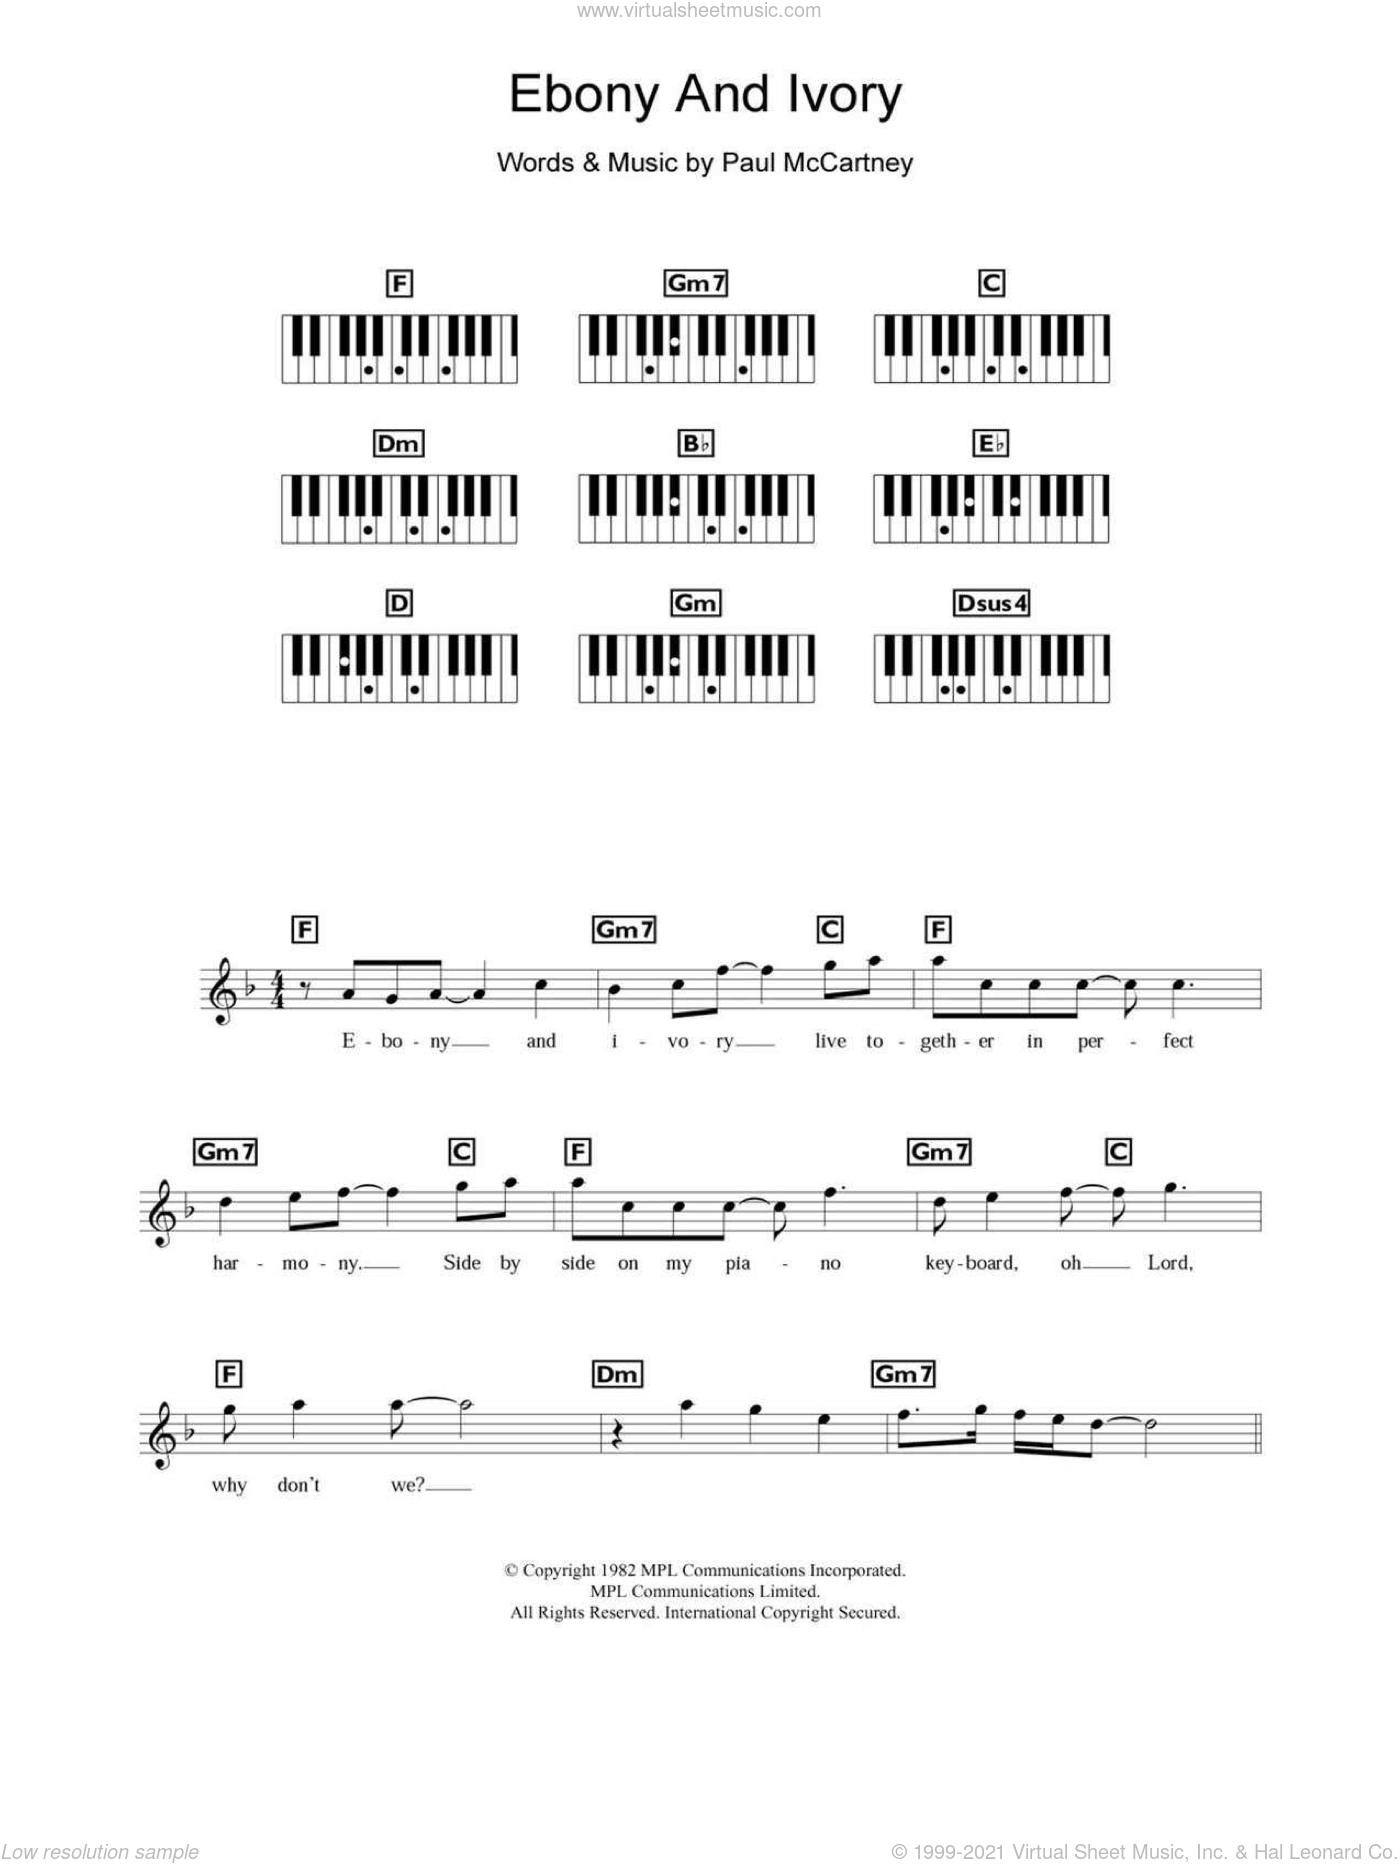 Ebony and ivory chords